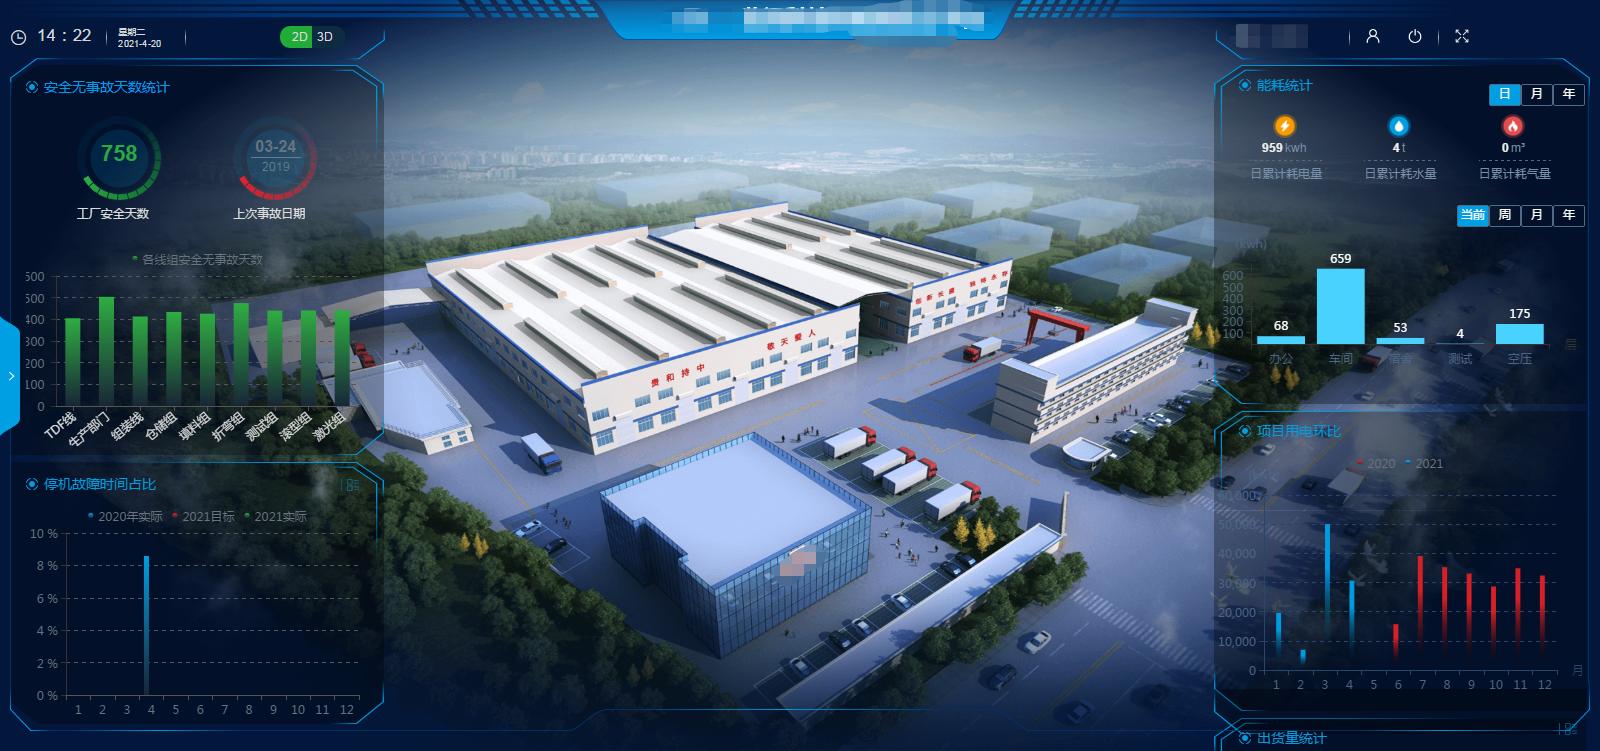 通过设备维护管理软件对智能工厂设备进行智能管理